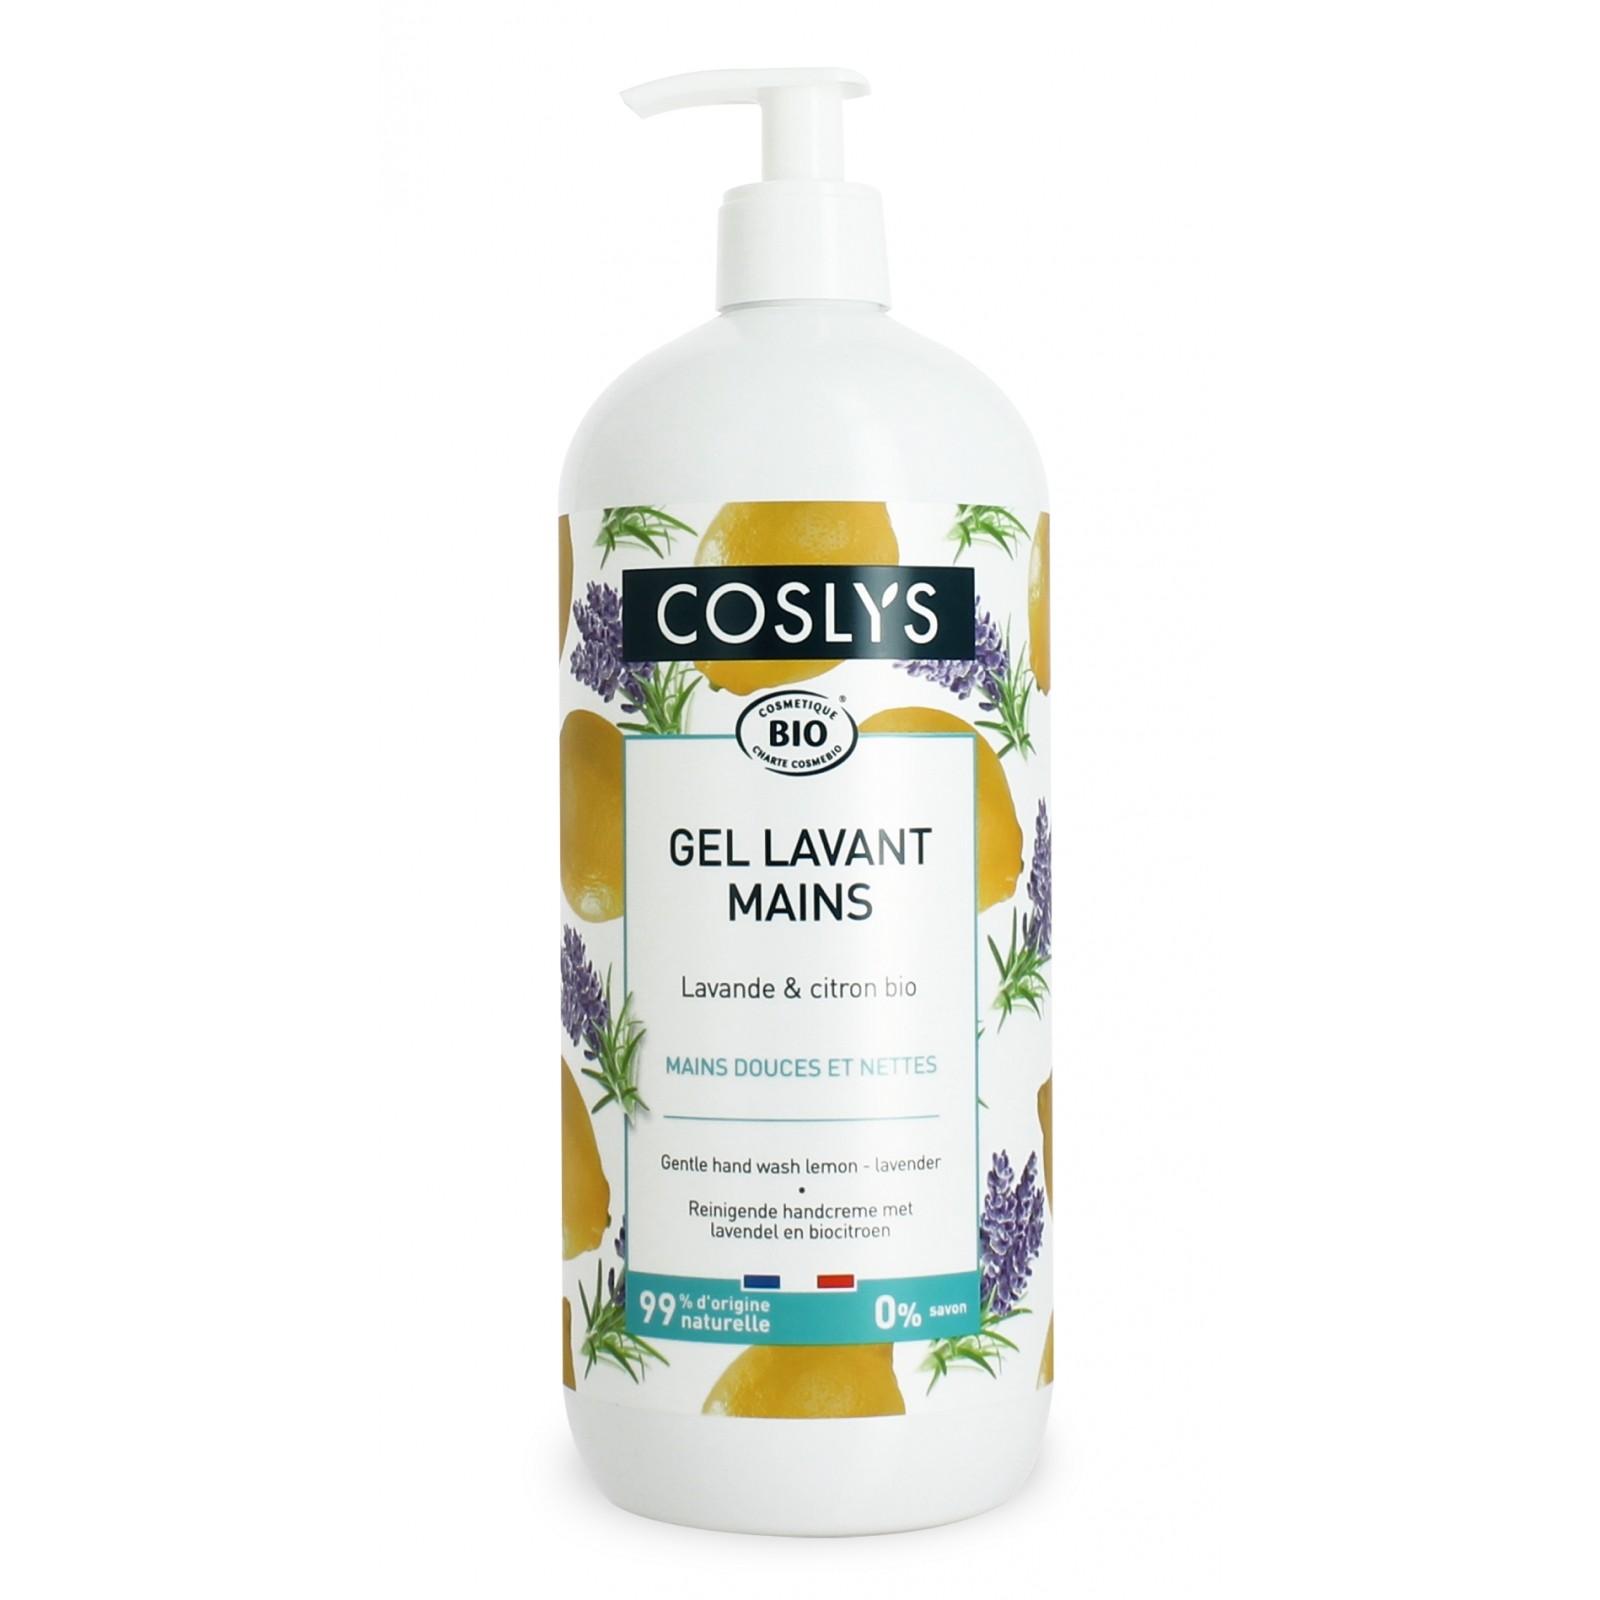 COSLYS Gel lavant mains lavande, citron BIO - 1 litre